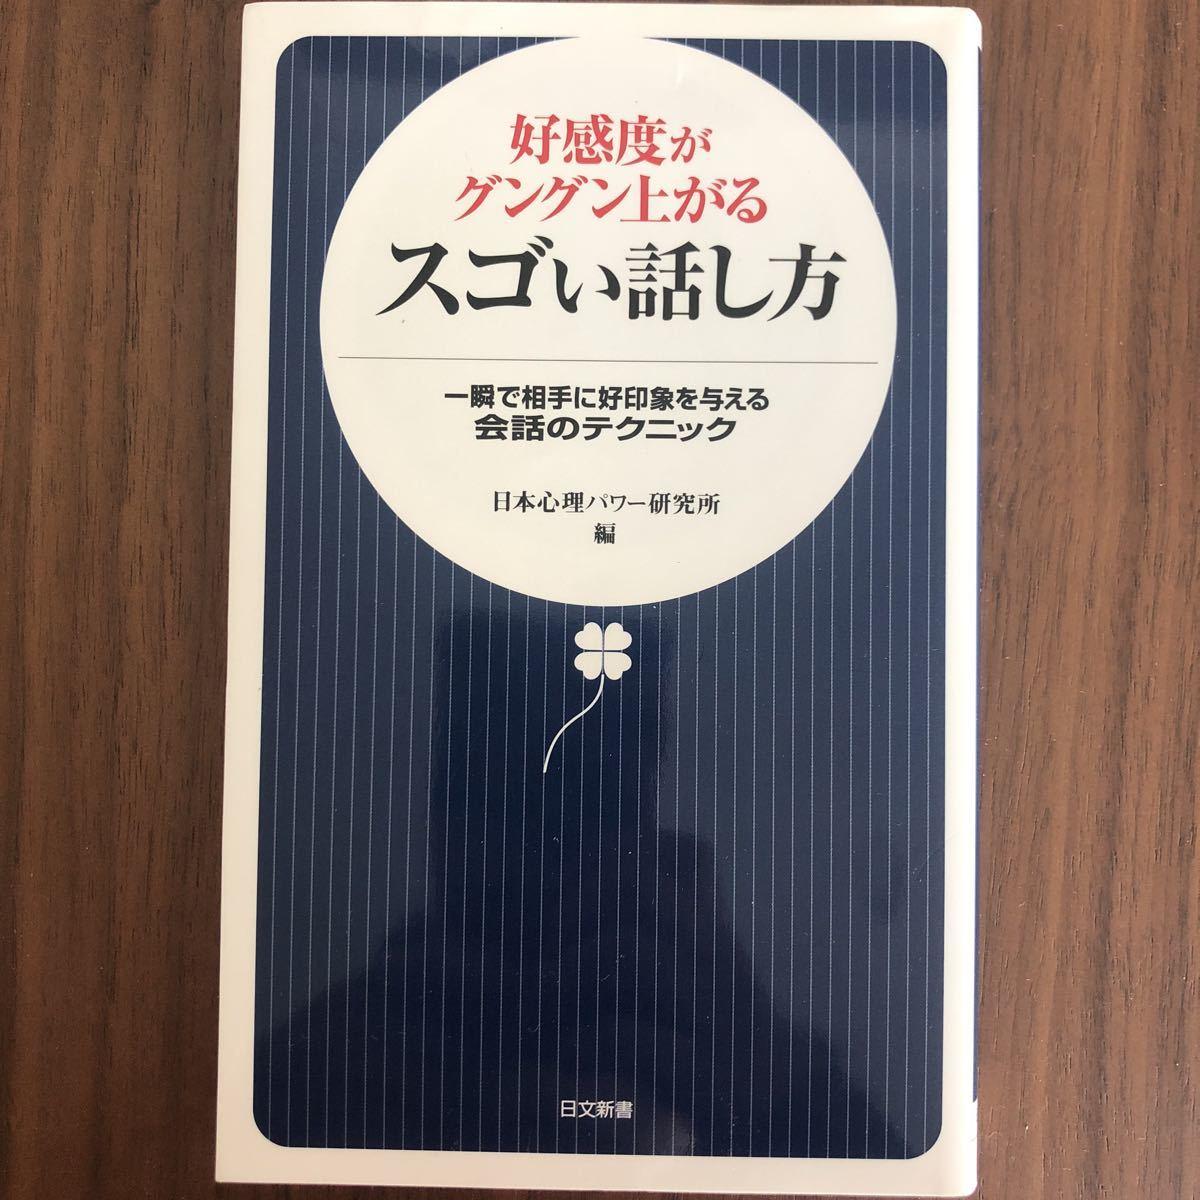 日文新書 日本心理パワー研究所編「好感度がグングン上がるスゴい話し方」_画像1